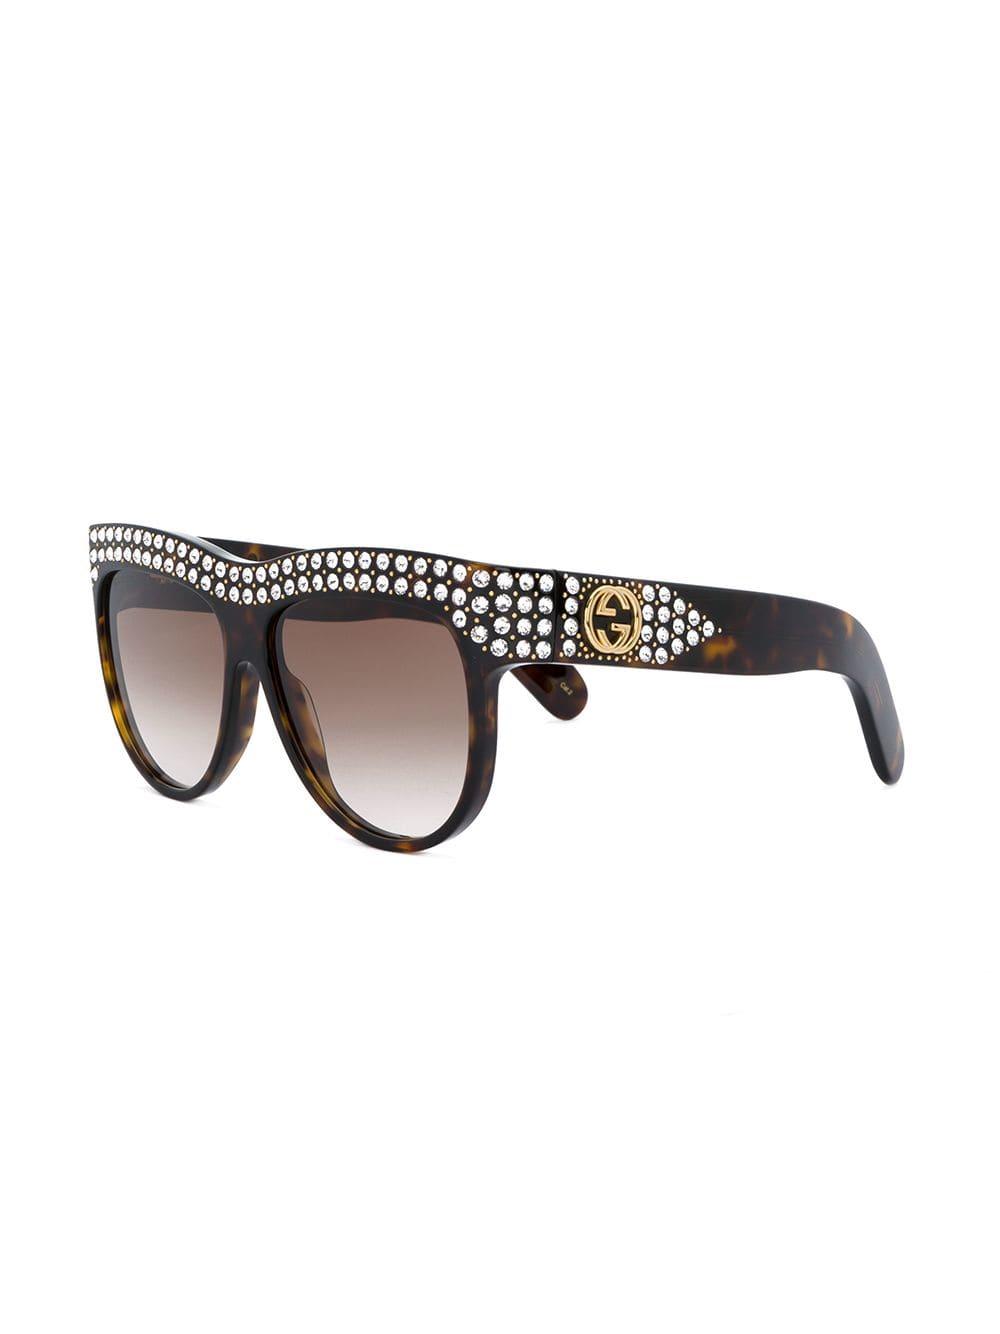 c242c1bfdf Eyewear gafas de sol con cristales - marrón